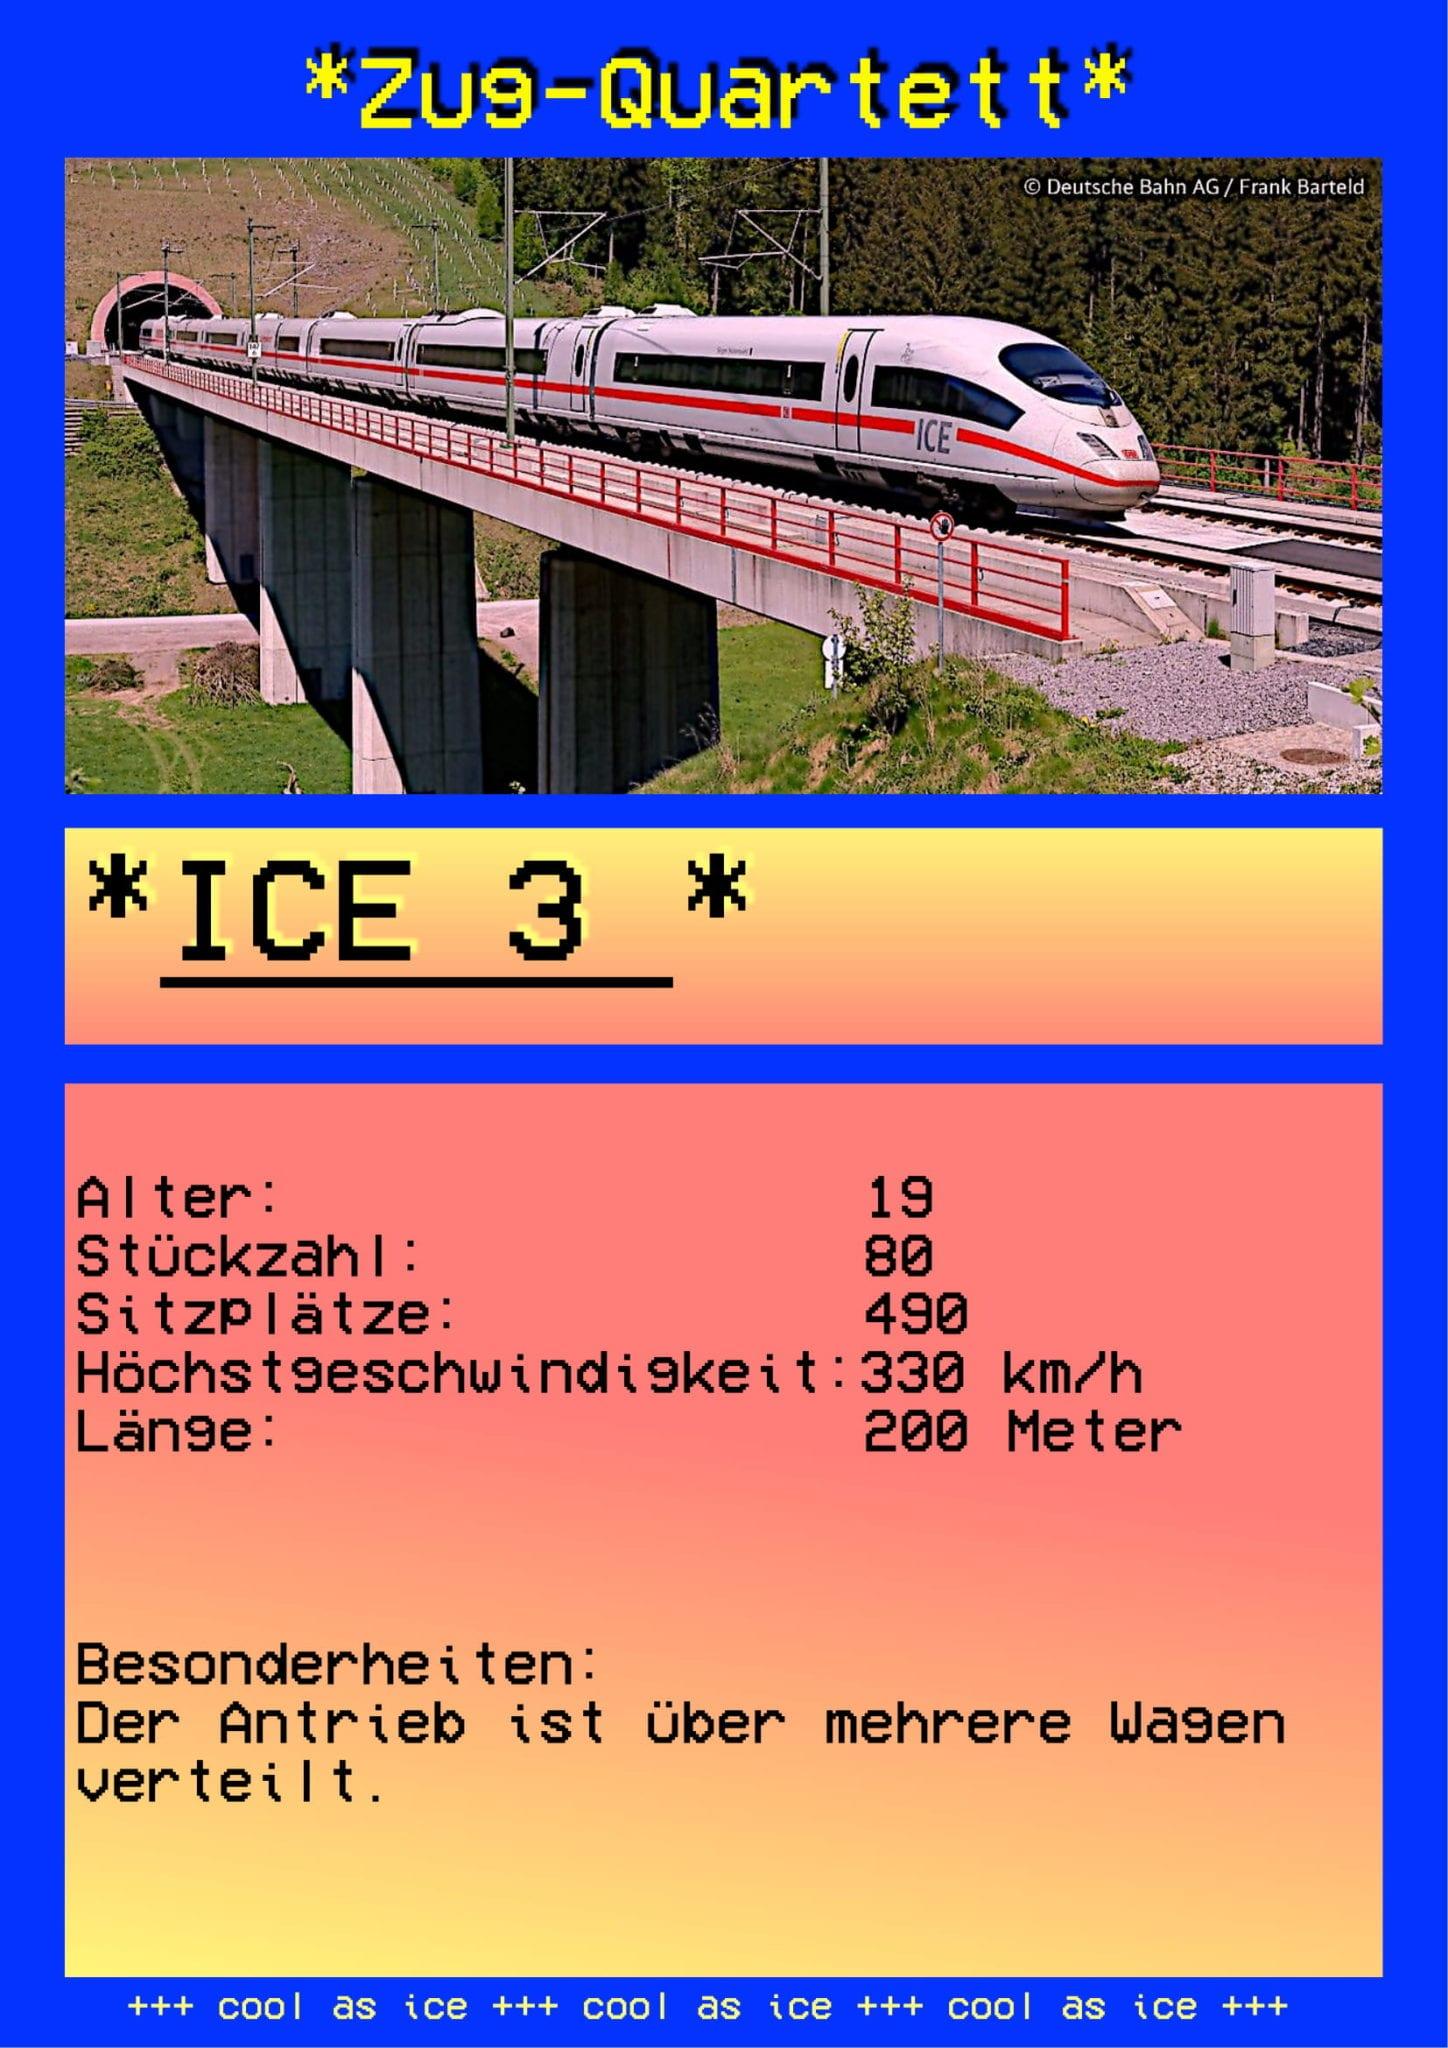 ICE_Quartett_3.1_0107-1